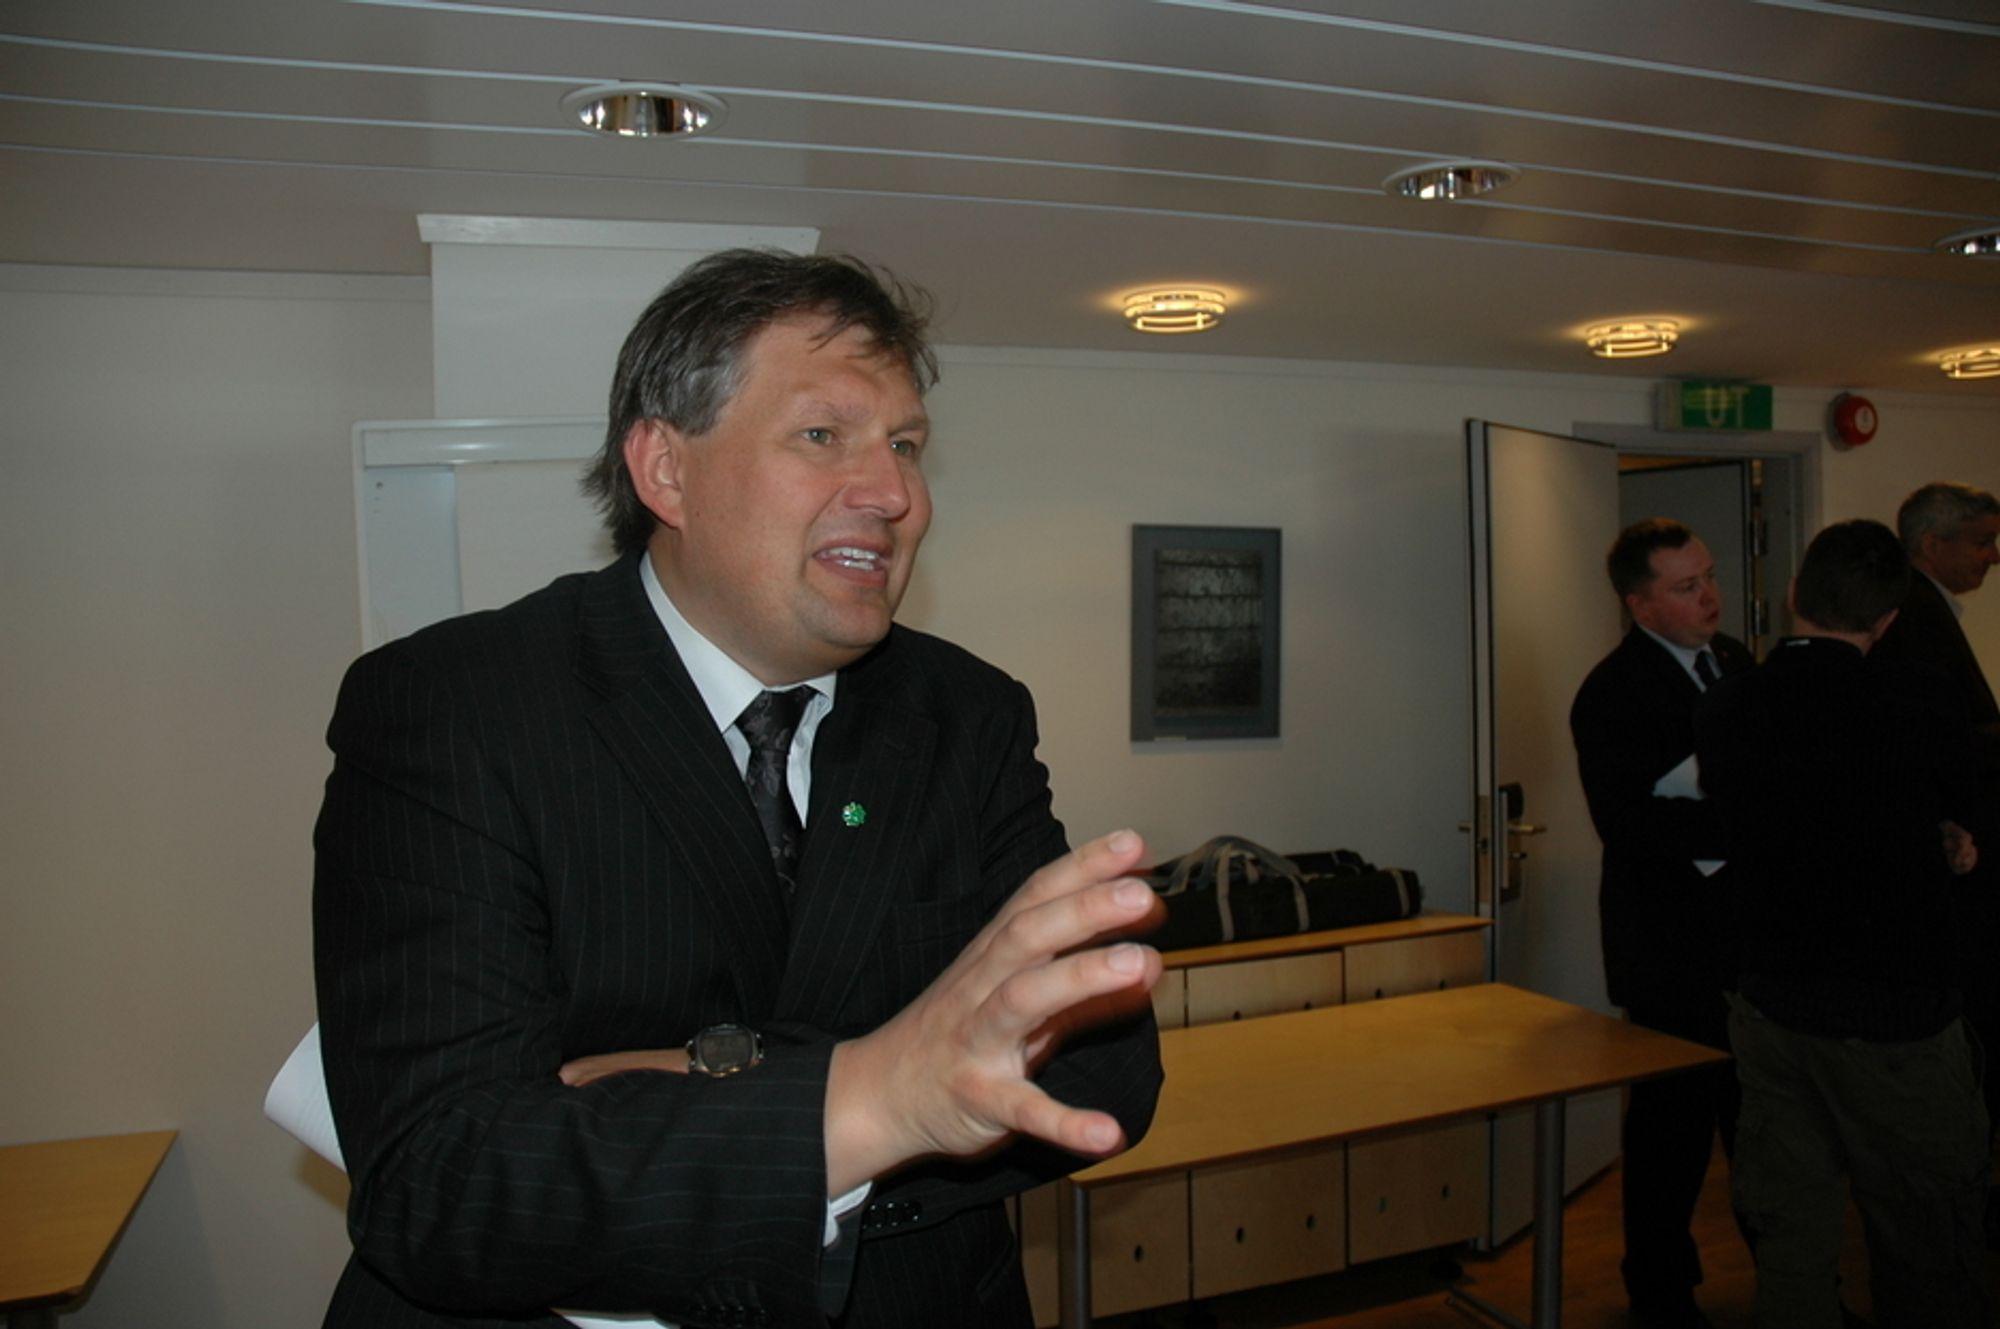 RYDDIG: Terje Riis-Johansen kommer ikke til å legge seg opp i hvilke prosjekter StatoilHydro satser på, men er glad for at selskapet satser på havvind i Storbritannia.